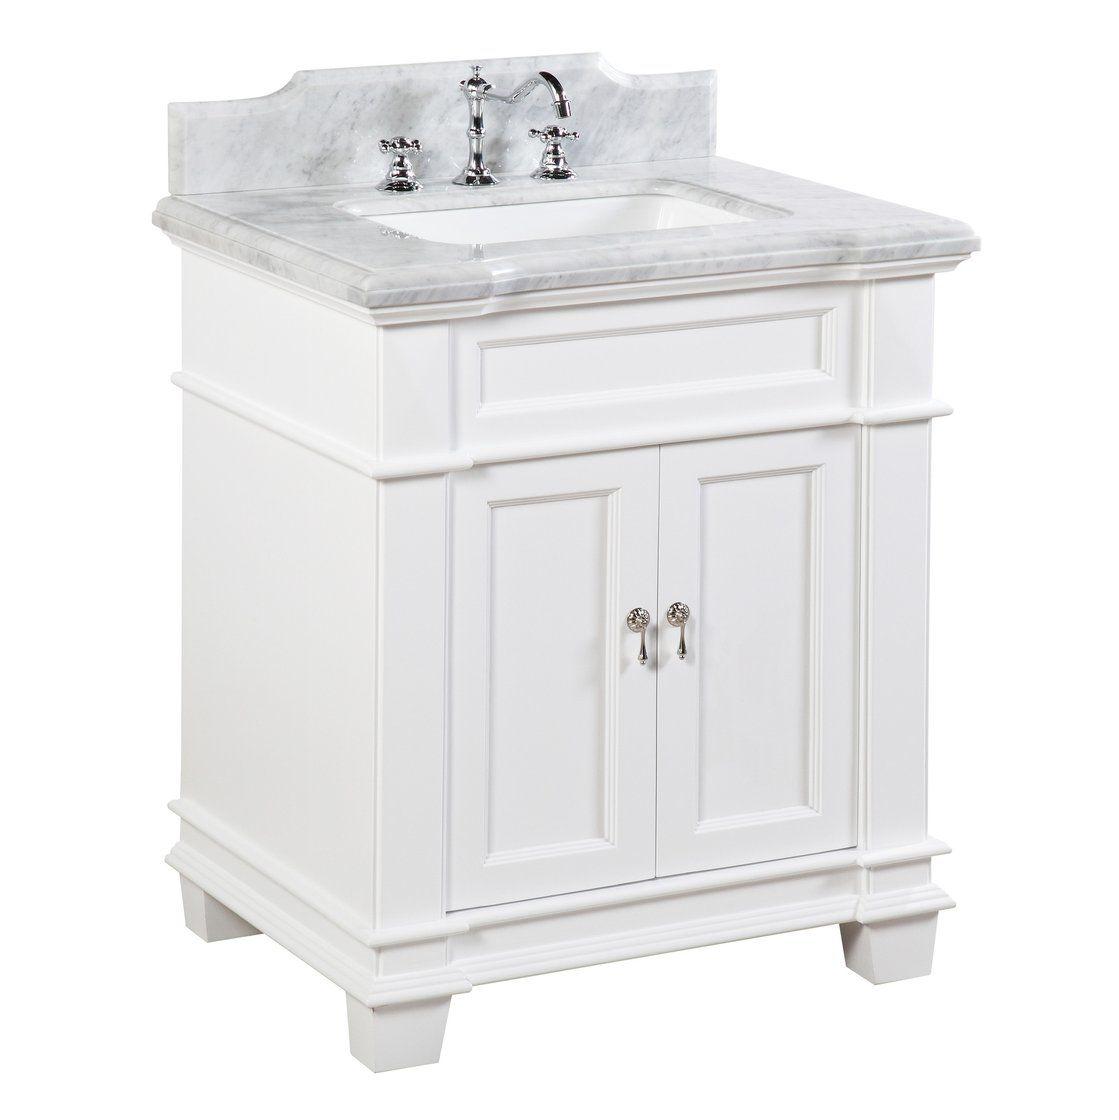 Elizabeth 30 Inch Vanity With Carrara Marble Top 30 Inch Bathroom Vanity Single Bathroom Vanity 30 Inch Vanity